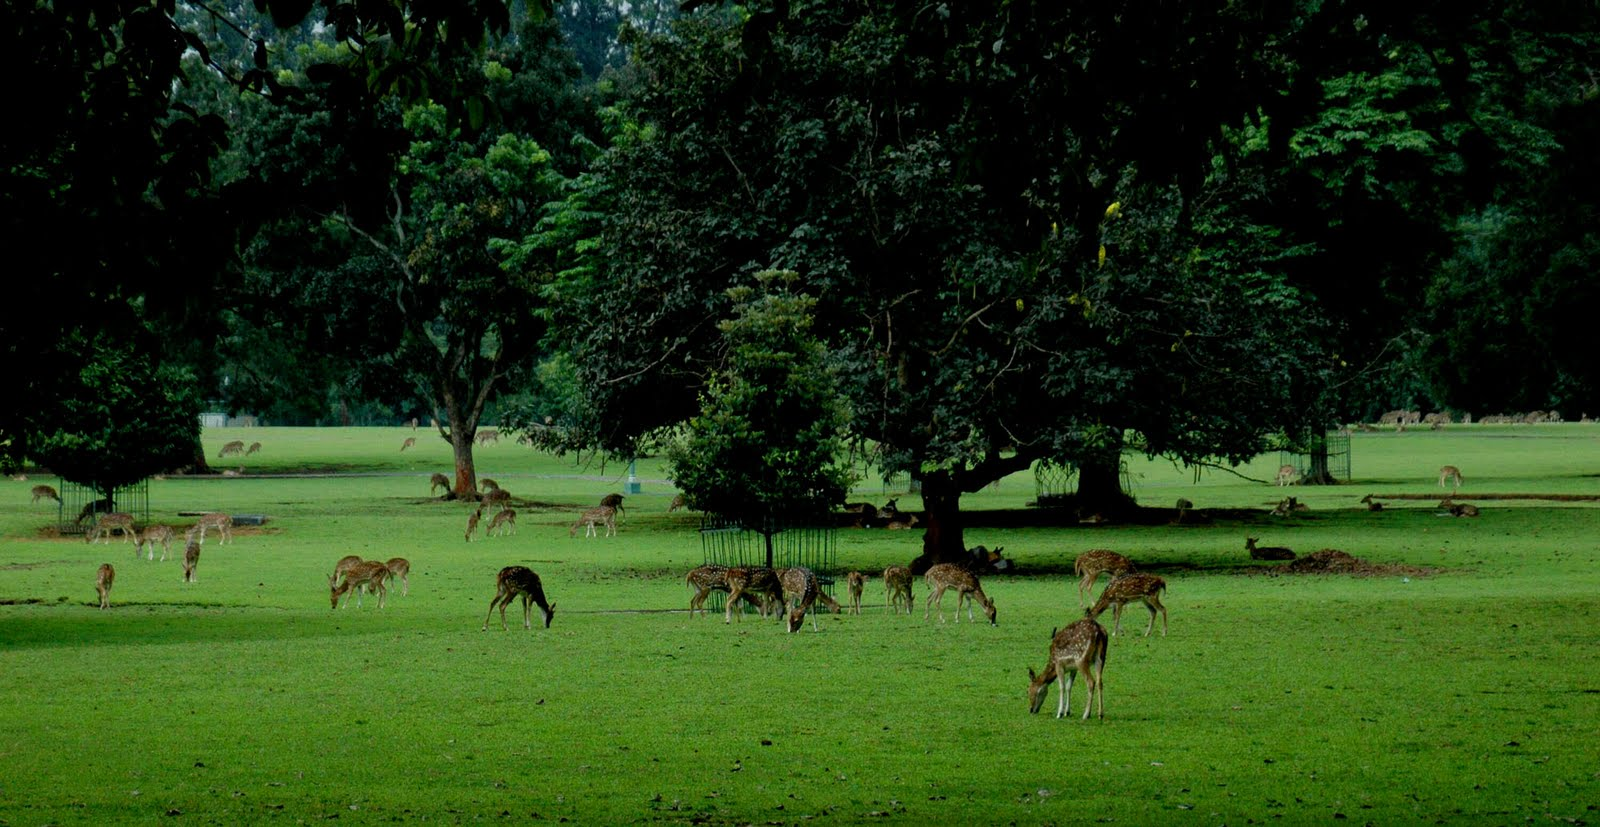 ... Raya Bogor, berikut ada beberapa tempat wisata bogor yang paling bagus